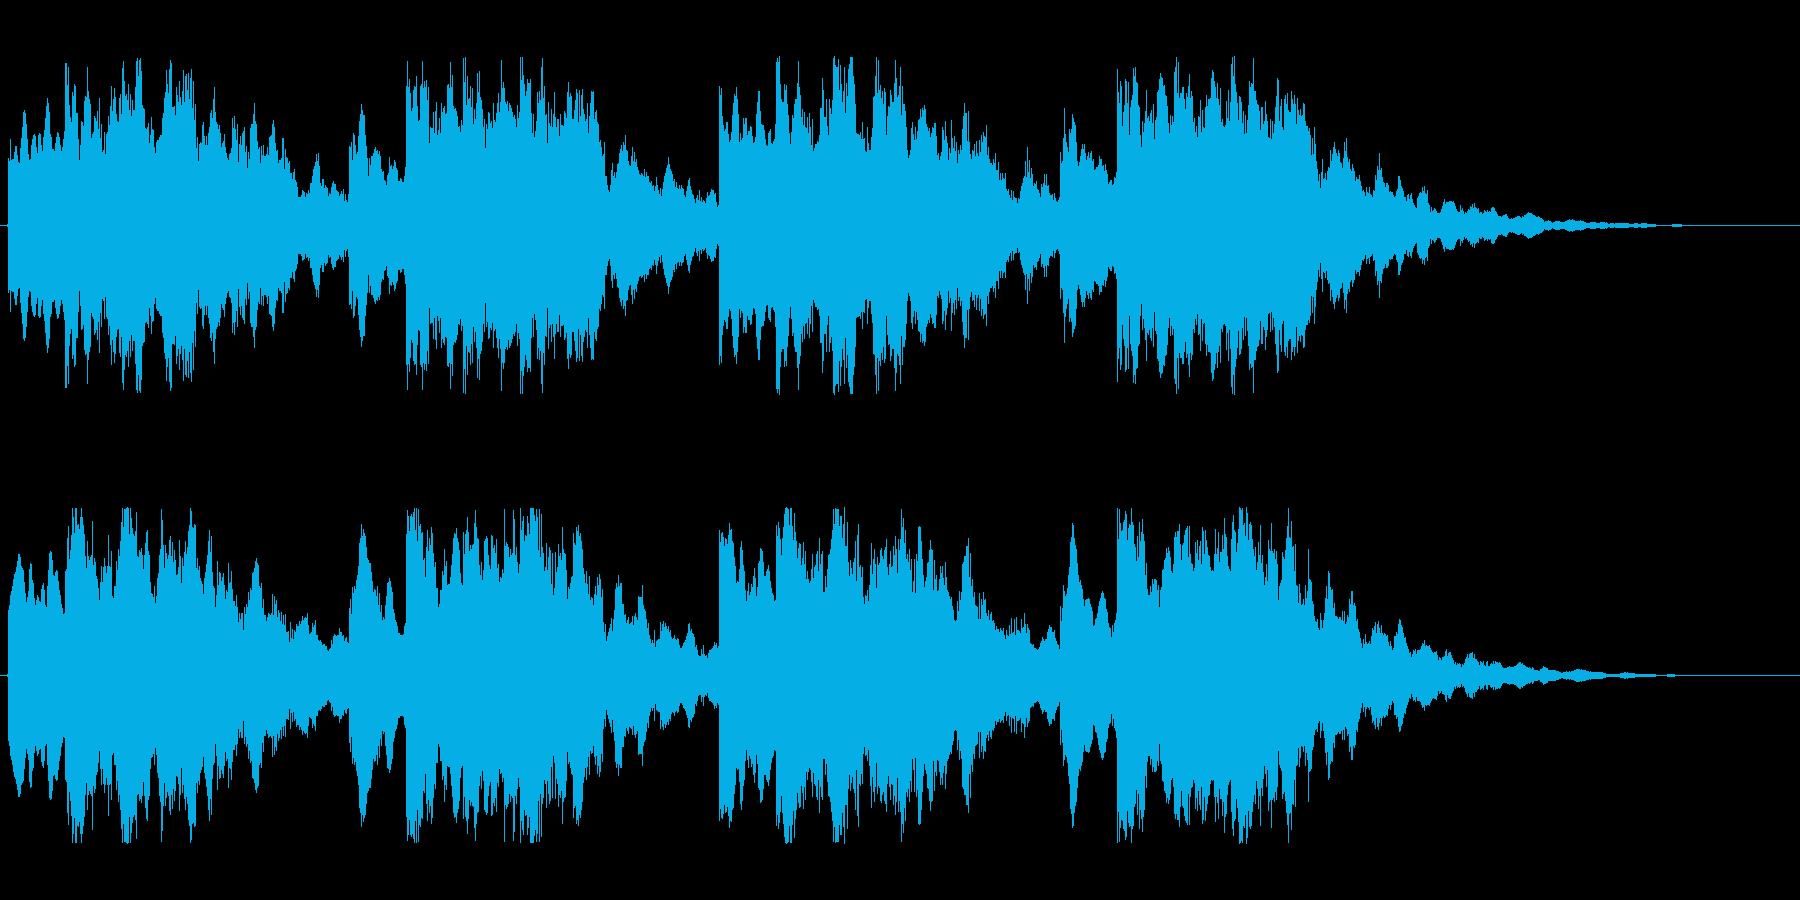 キーンコーンカーンコーン06(早め2回)の再生済みの波形